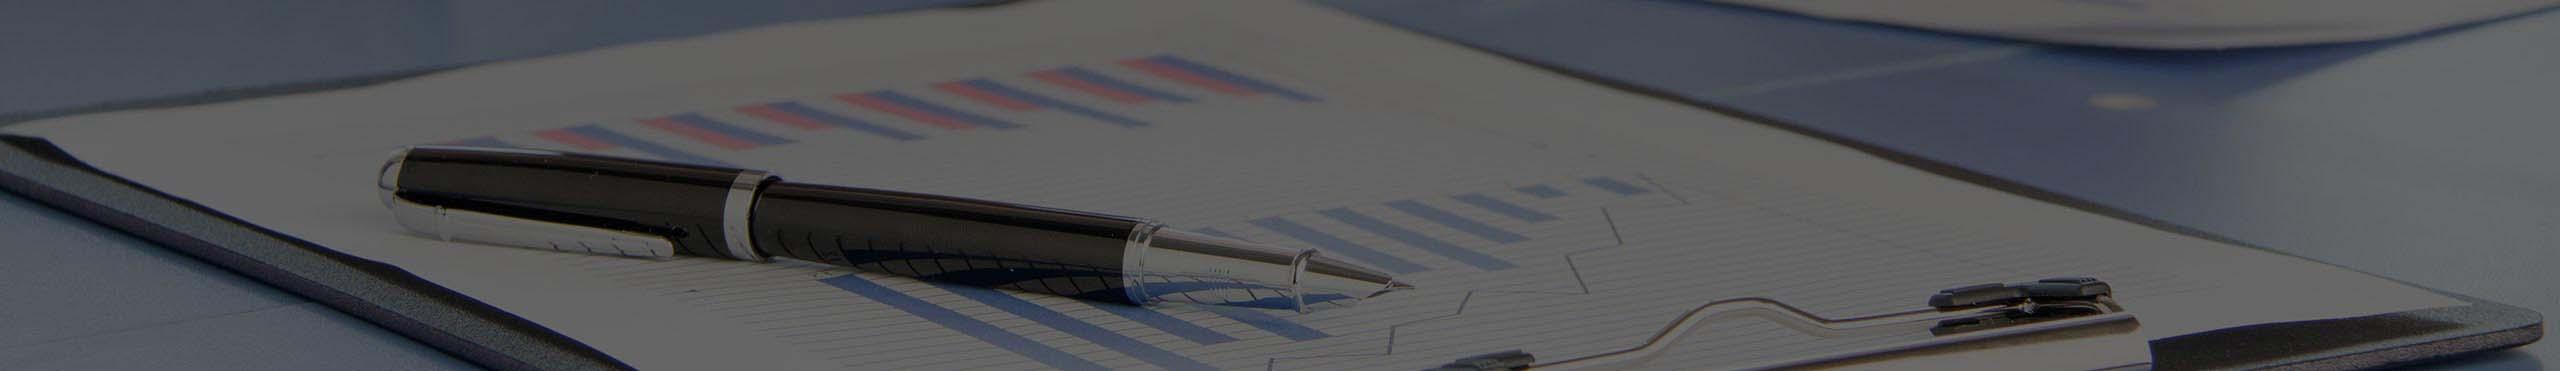 Calculer les prélèvements sociaux lors des retraits d'un PEA